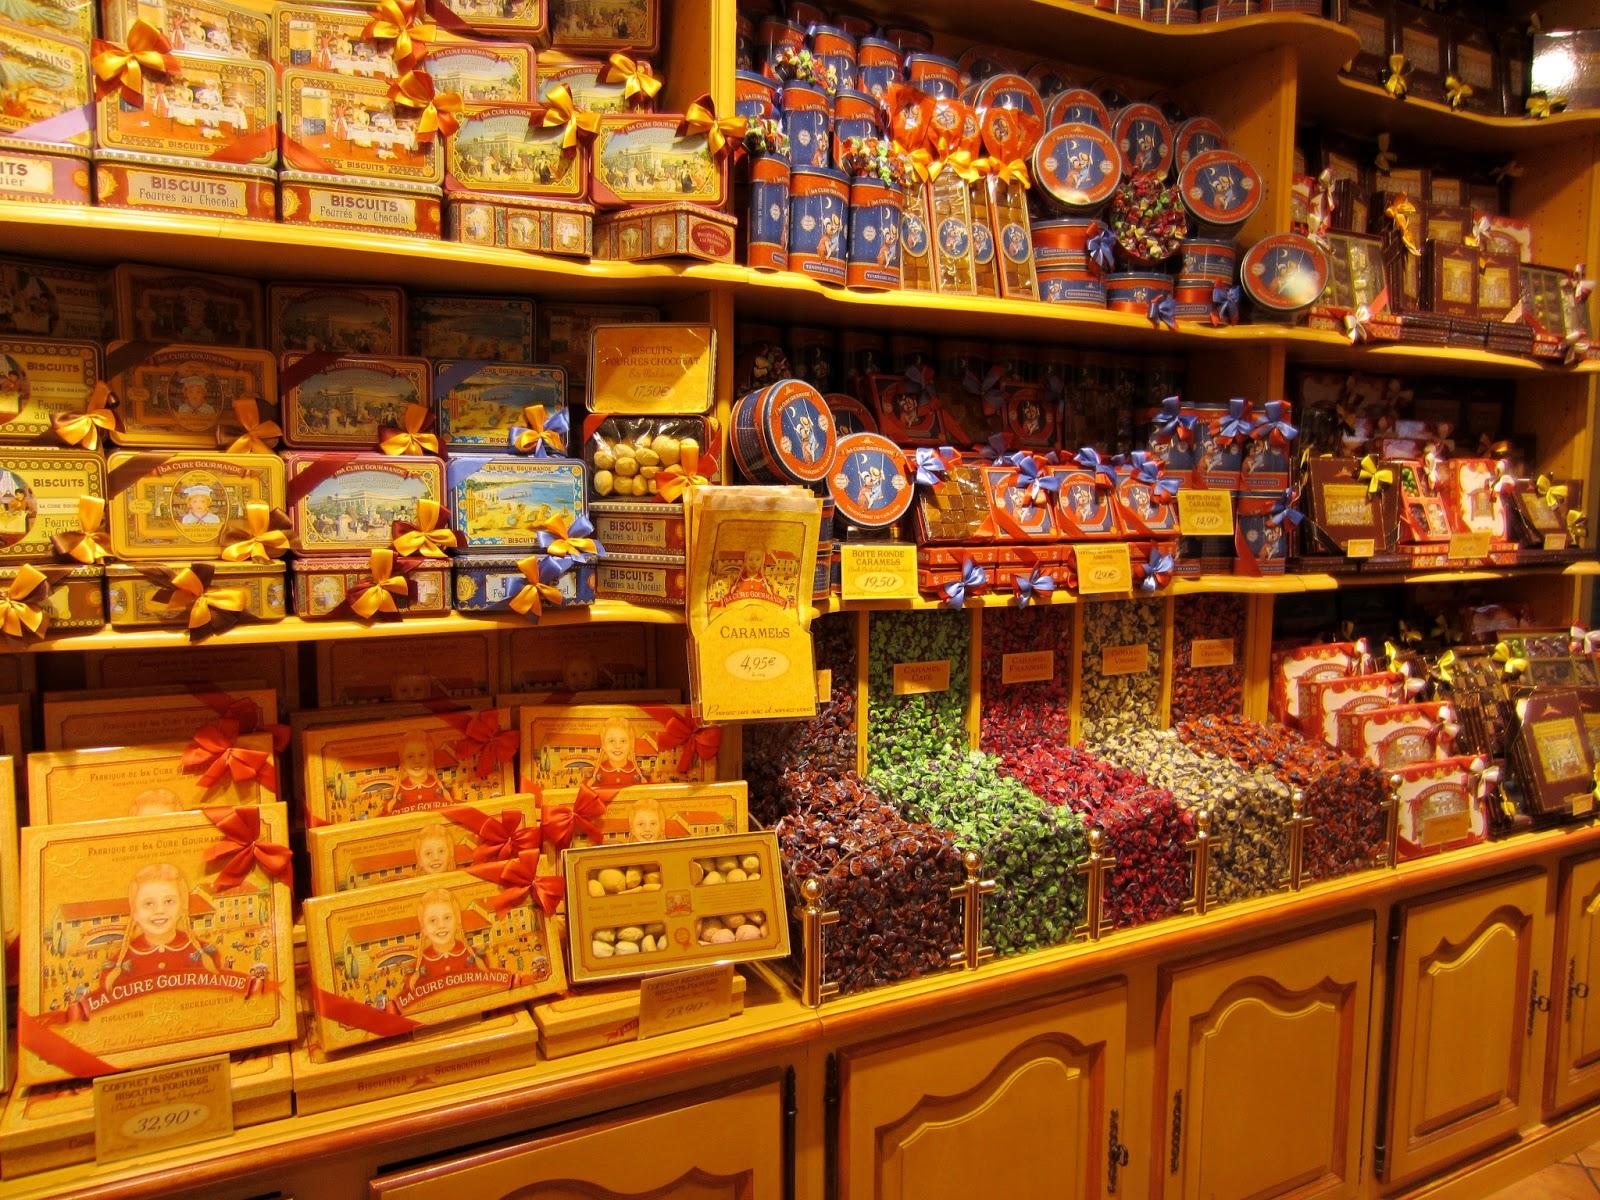 http://2.bp.blogspot.com/-b-CBNekMUGo/UOyYa4ffK0I/AAAAAAAABLQ/d1OTNb1-azI/s1600/sweet+shop+3.JPG